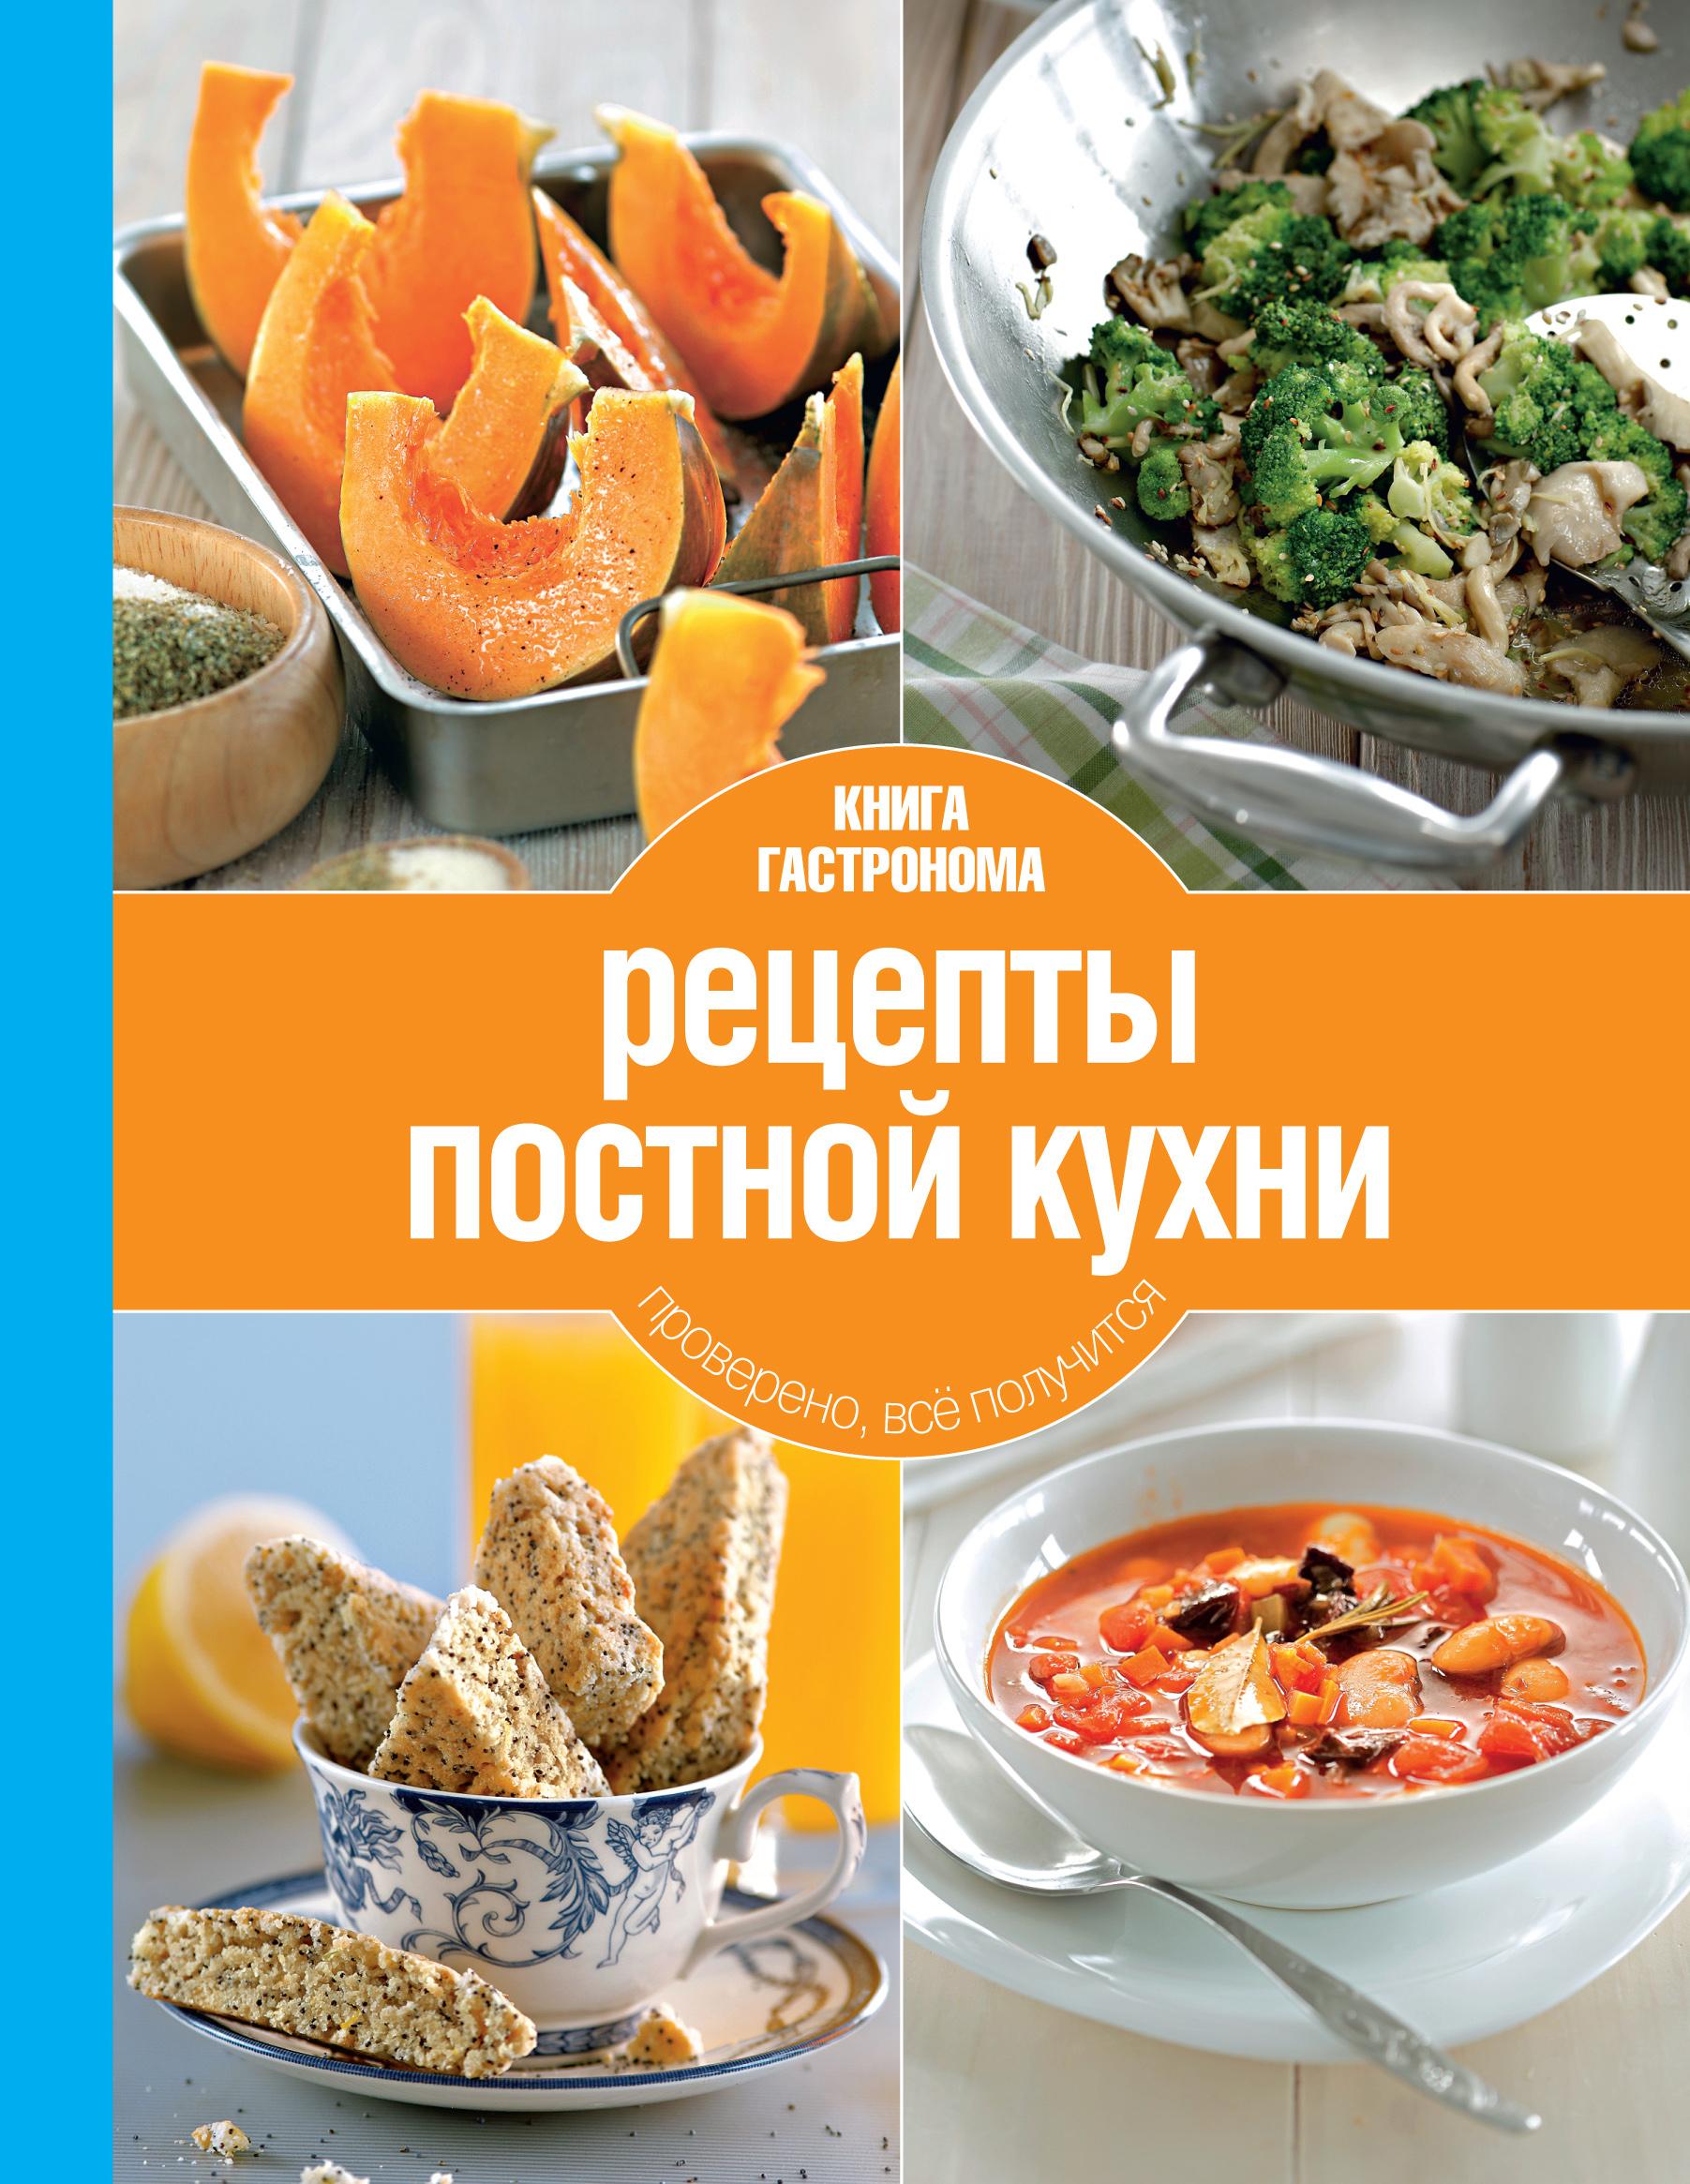 Рецепты постной кухни